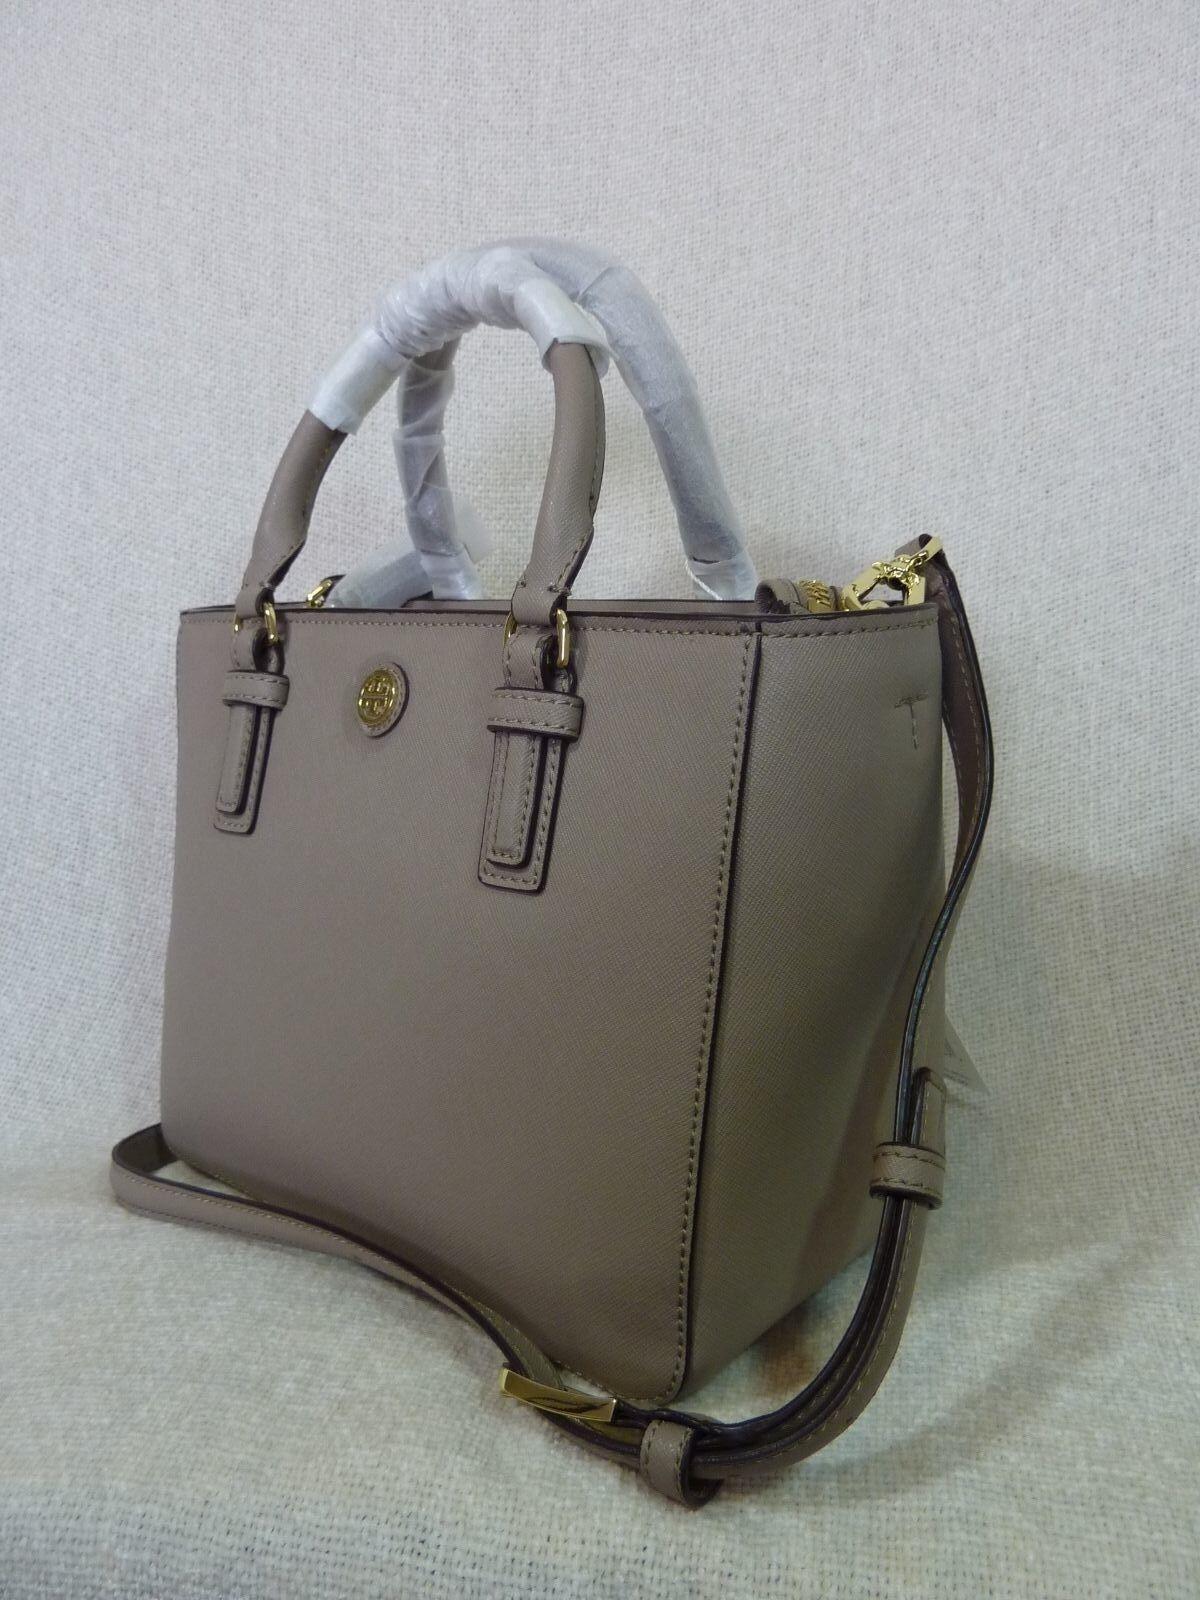 NWT Tory Burch French Gray Saffiano Leather Robinson Mini Square Tote image 2